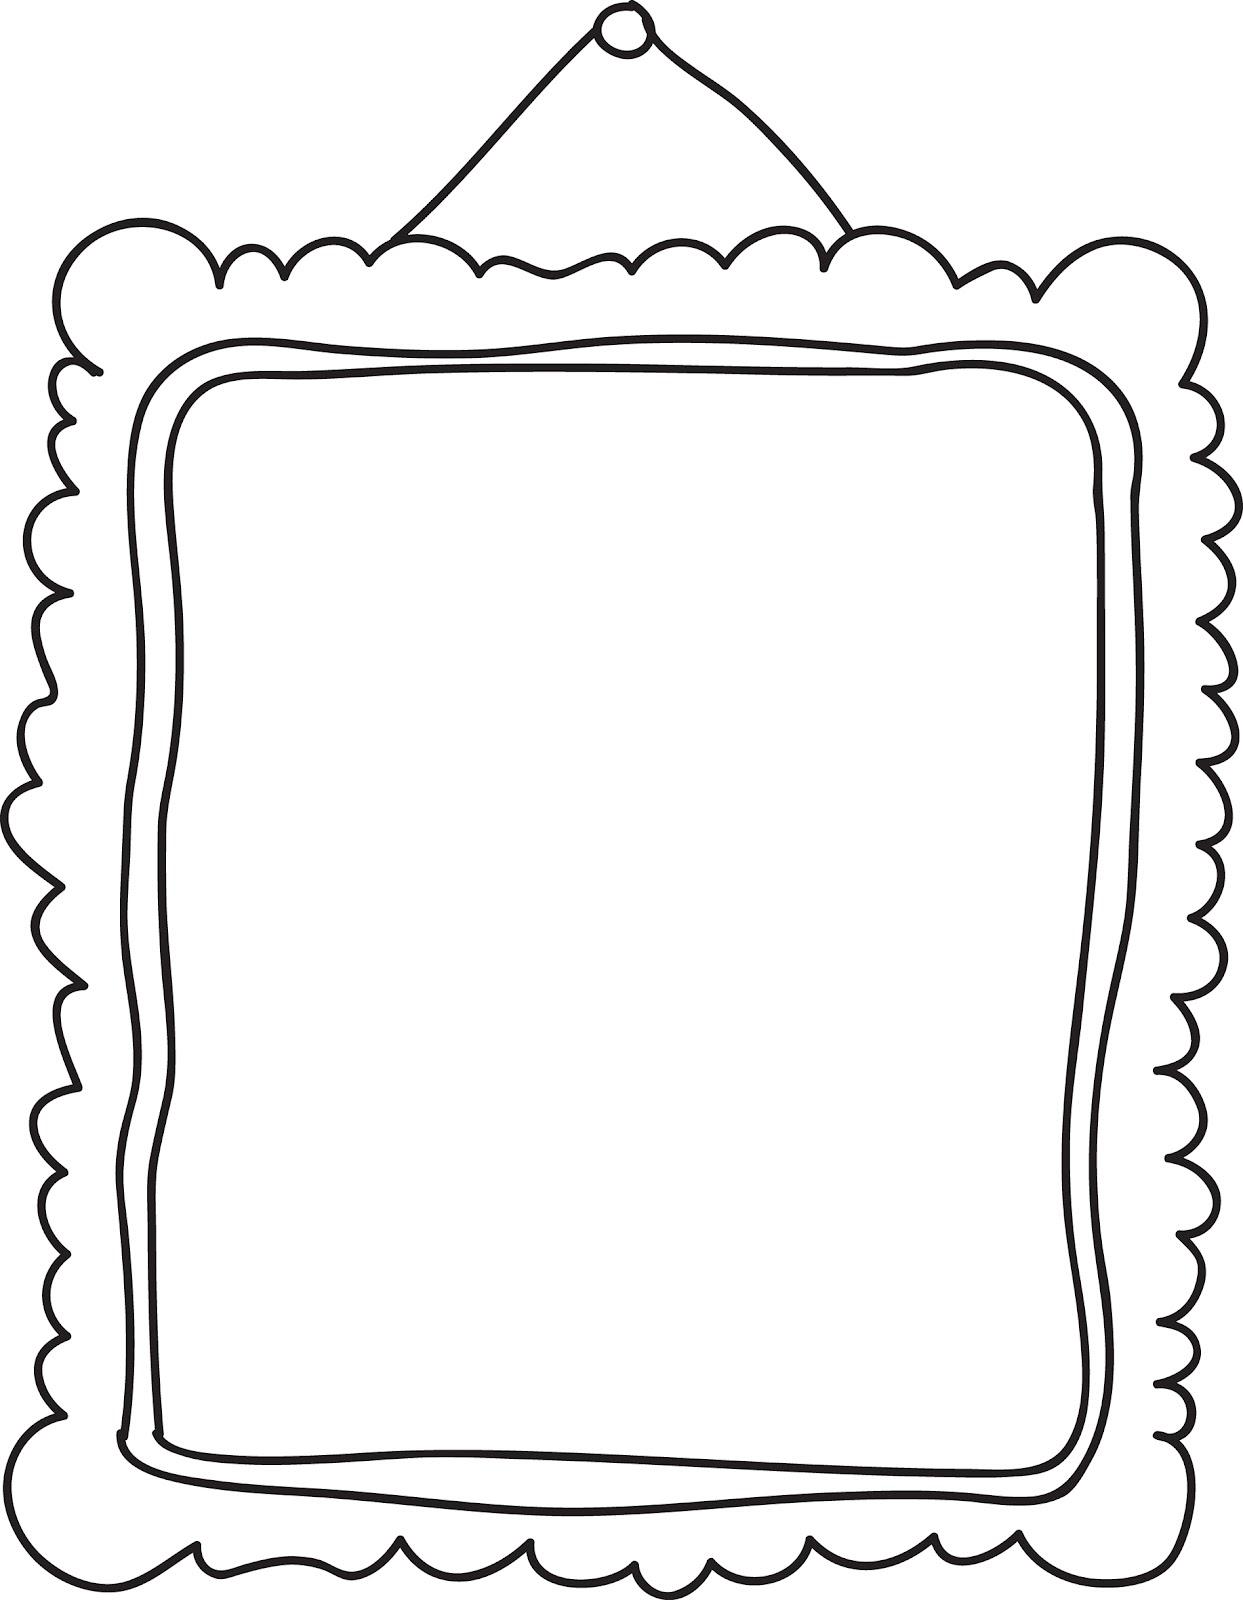 frame clipart-frame clipart-2